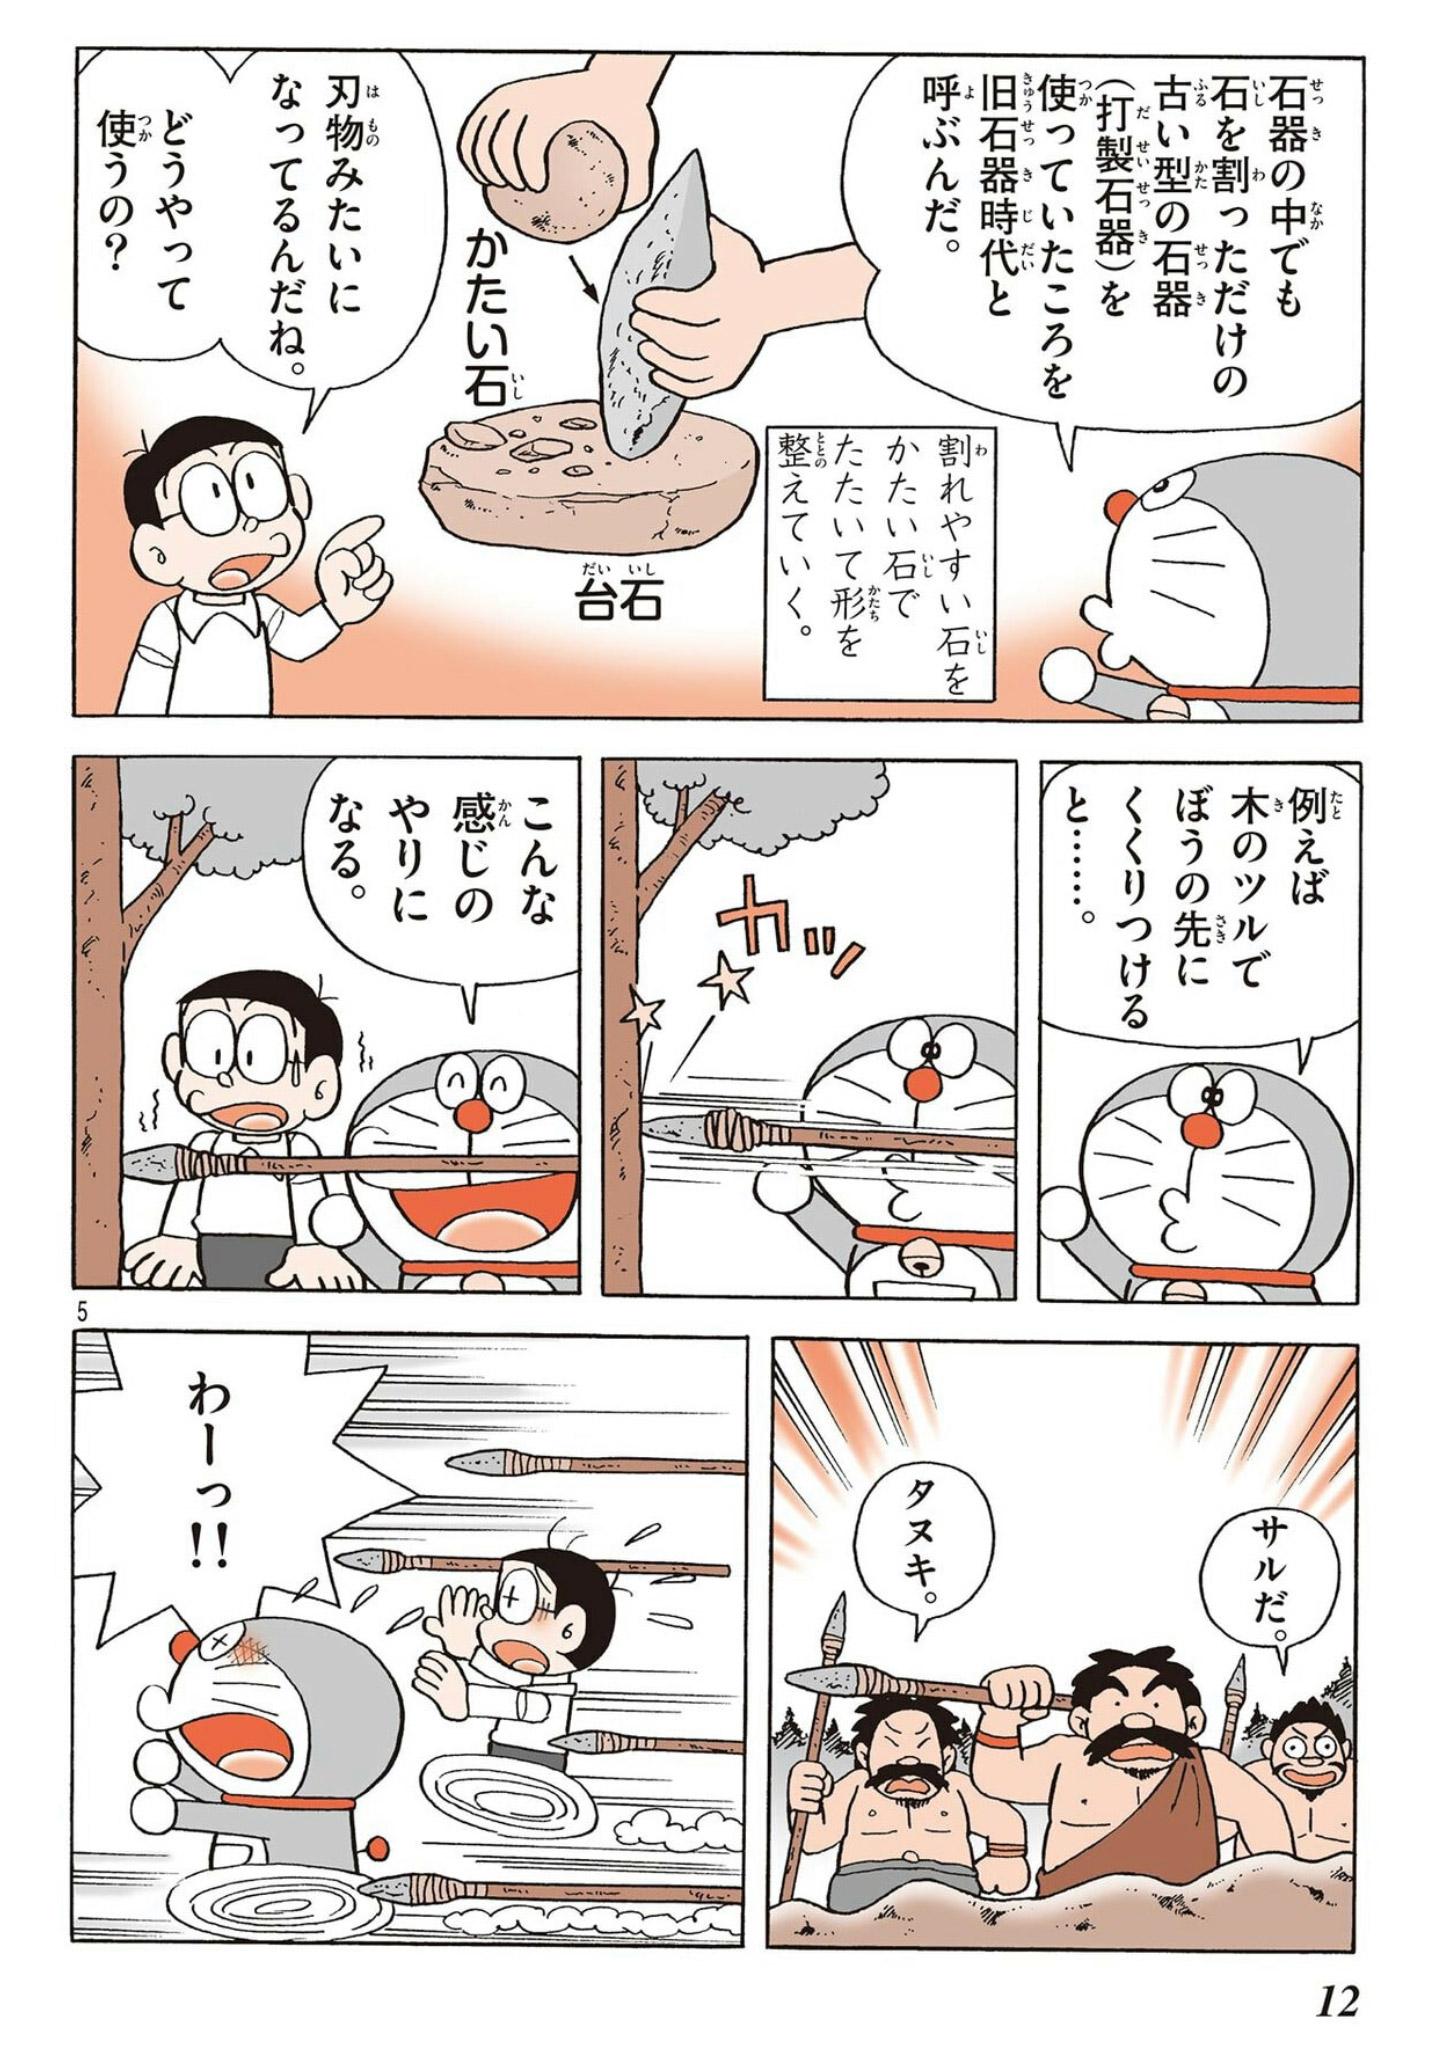 도라에몽 일본사 샘플1